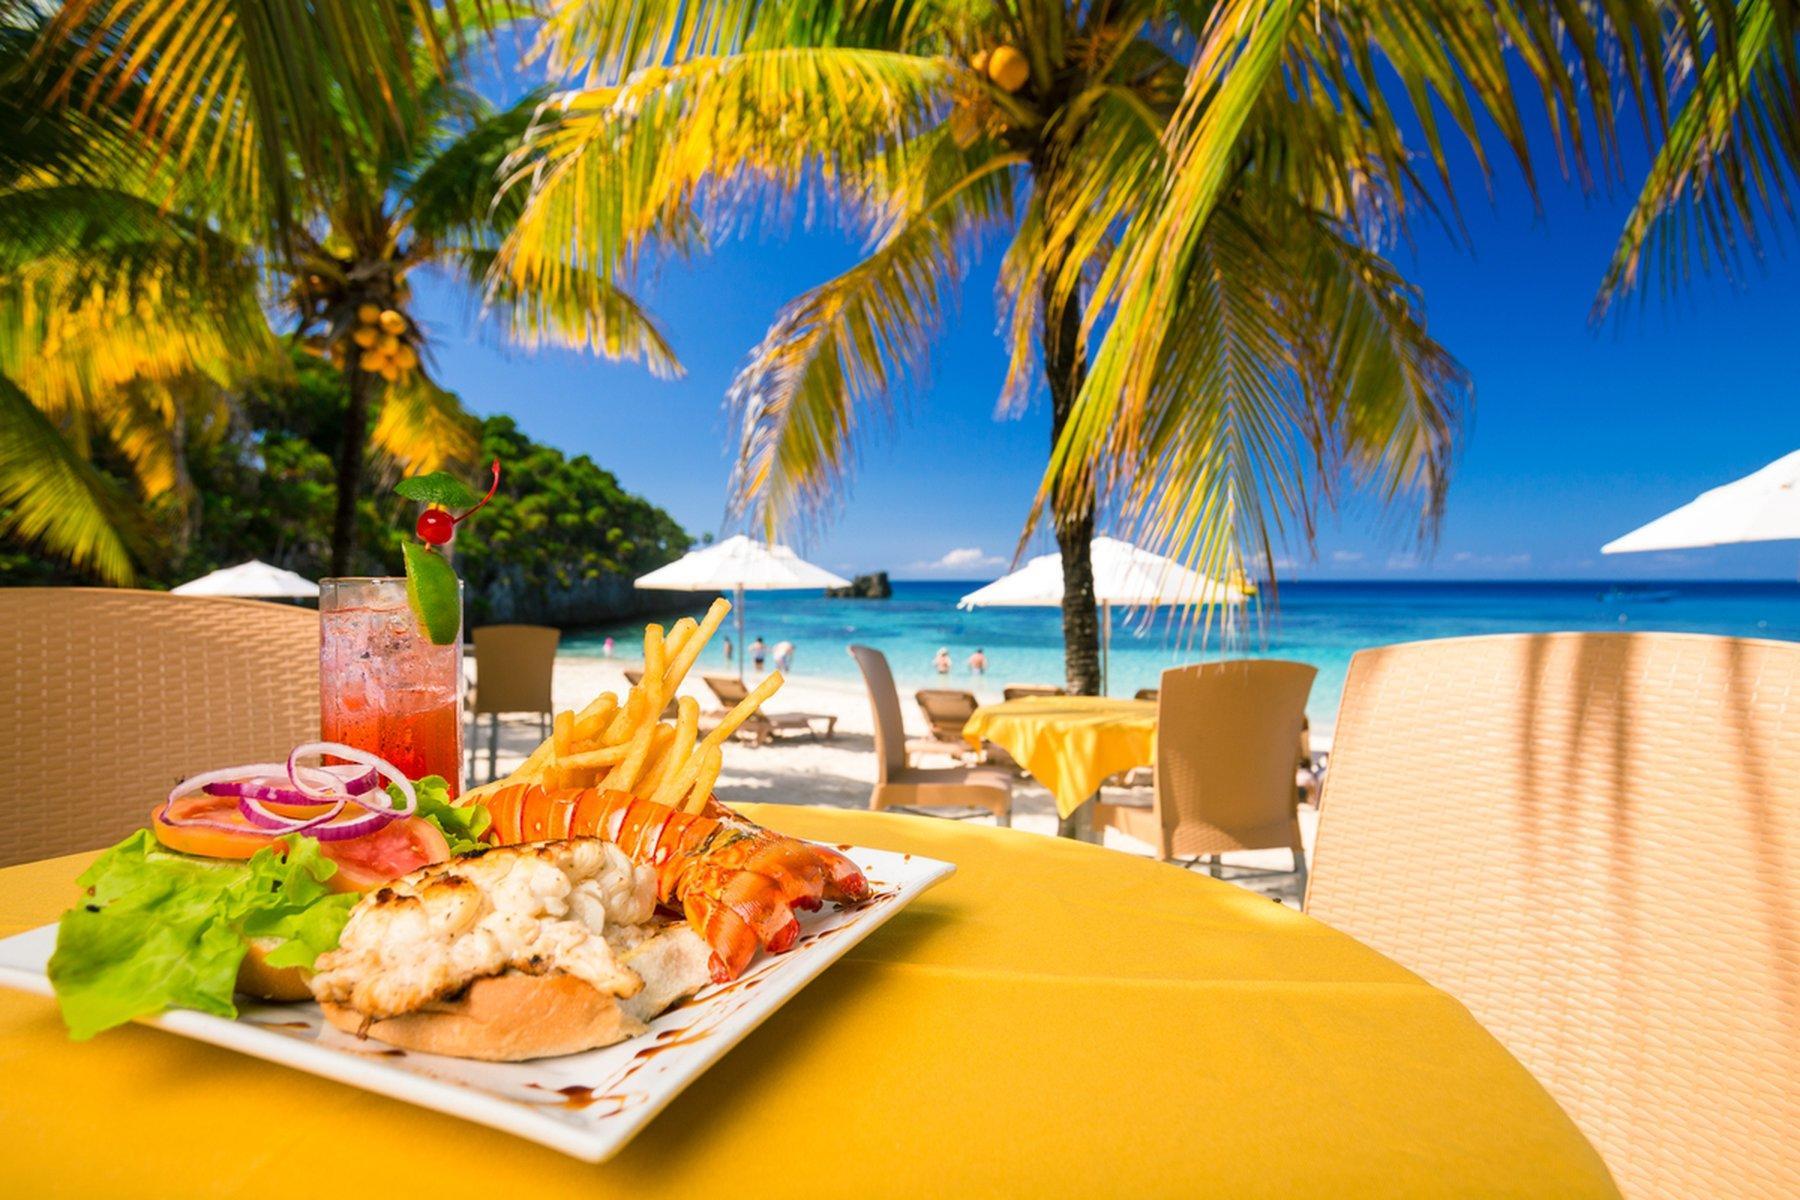 table with food near beach